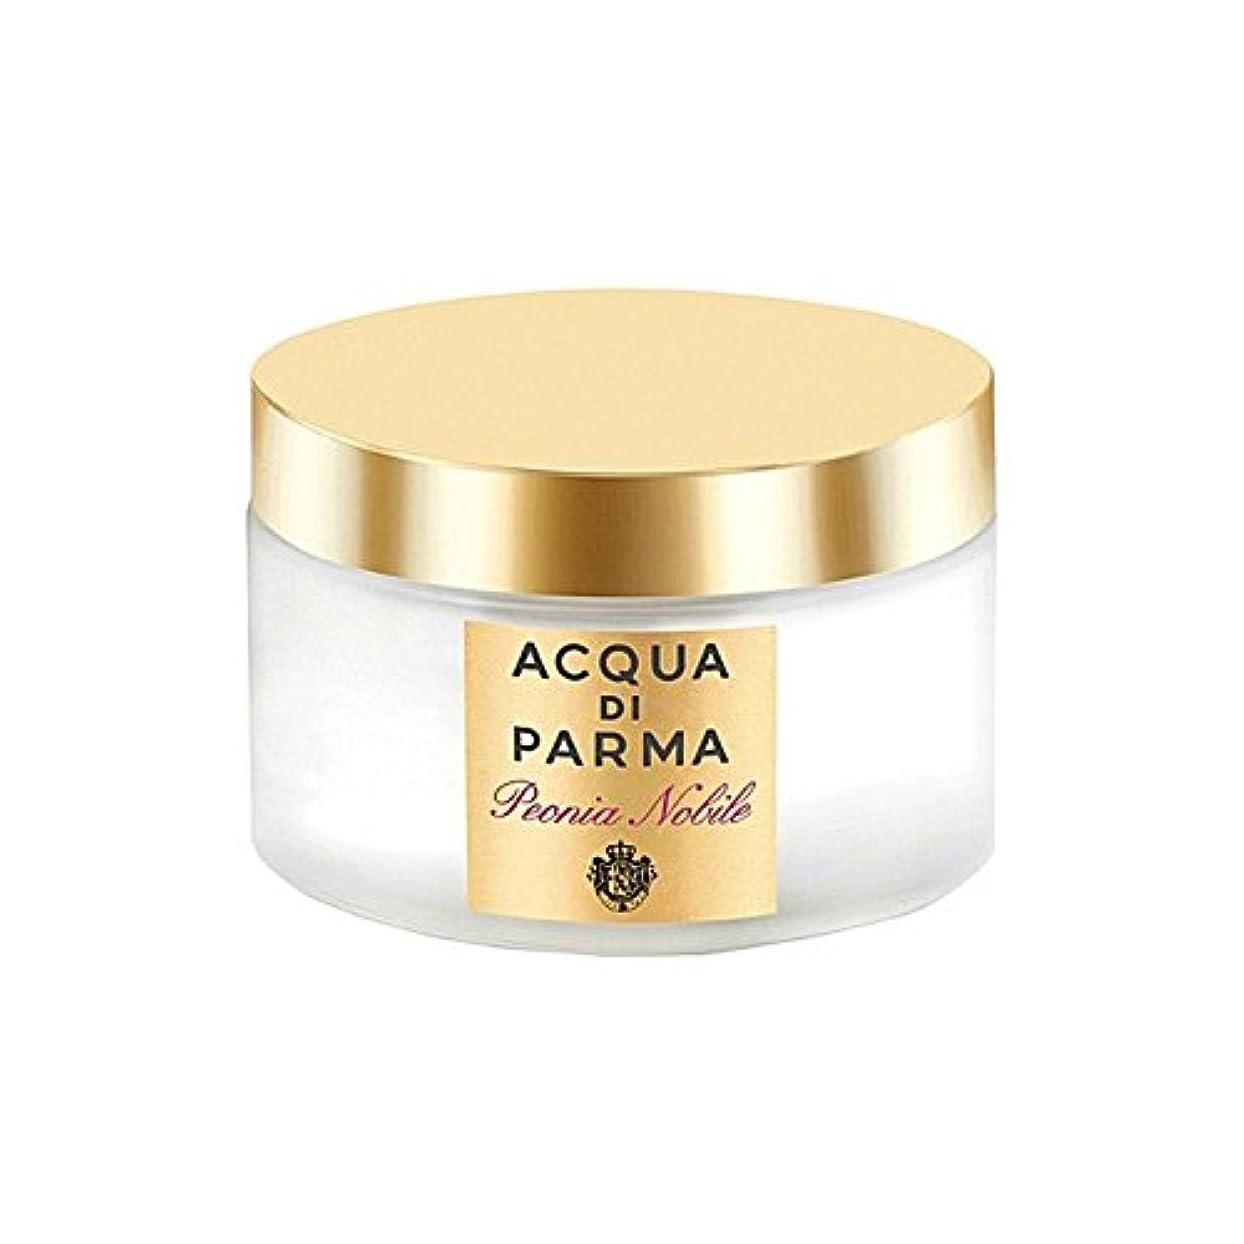 環境北極圏進化アクアディパルマノビレボディクリーム150ミリリットル x2 - Acqua Di Parma Peonia Nobile Body Cream 150ml (Pack of 2) [並行輸入品]